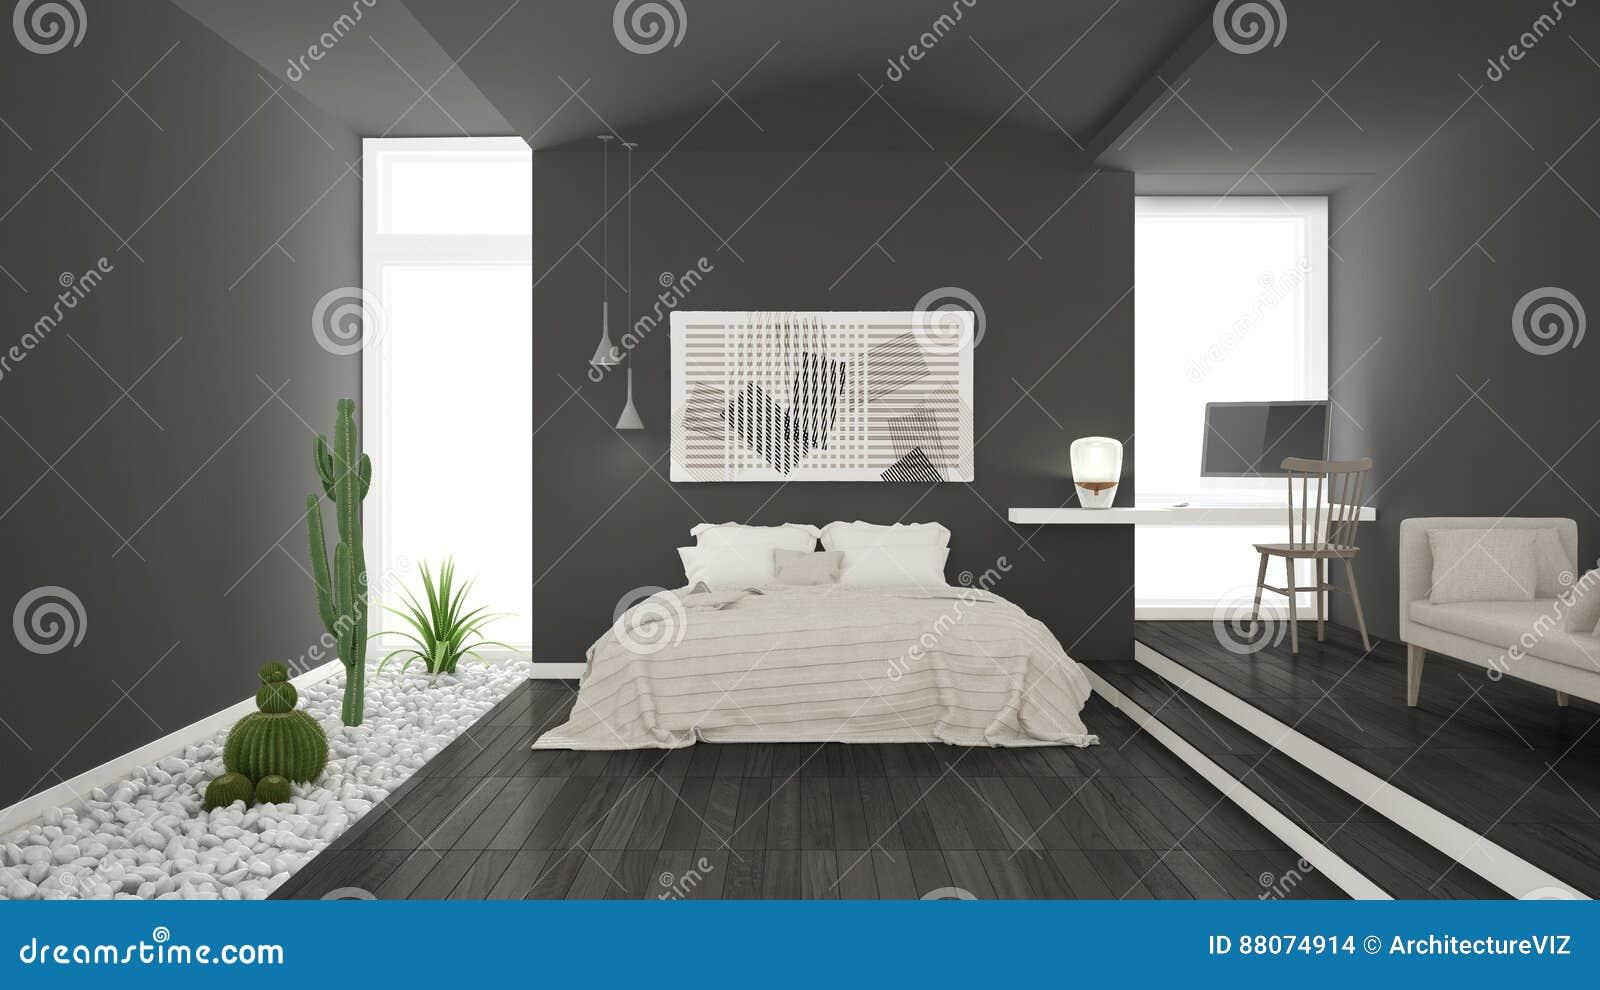 Scandinavian Minimalist Gray Bedroom With Succulent Garden